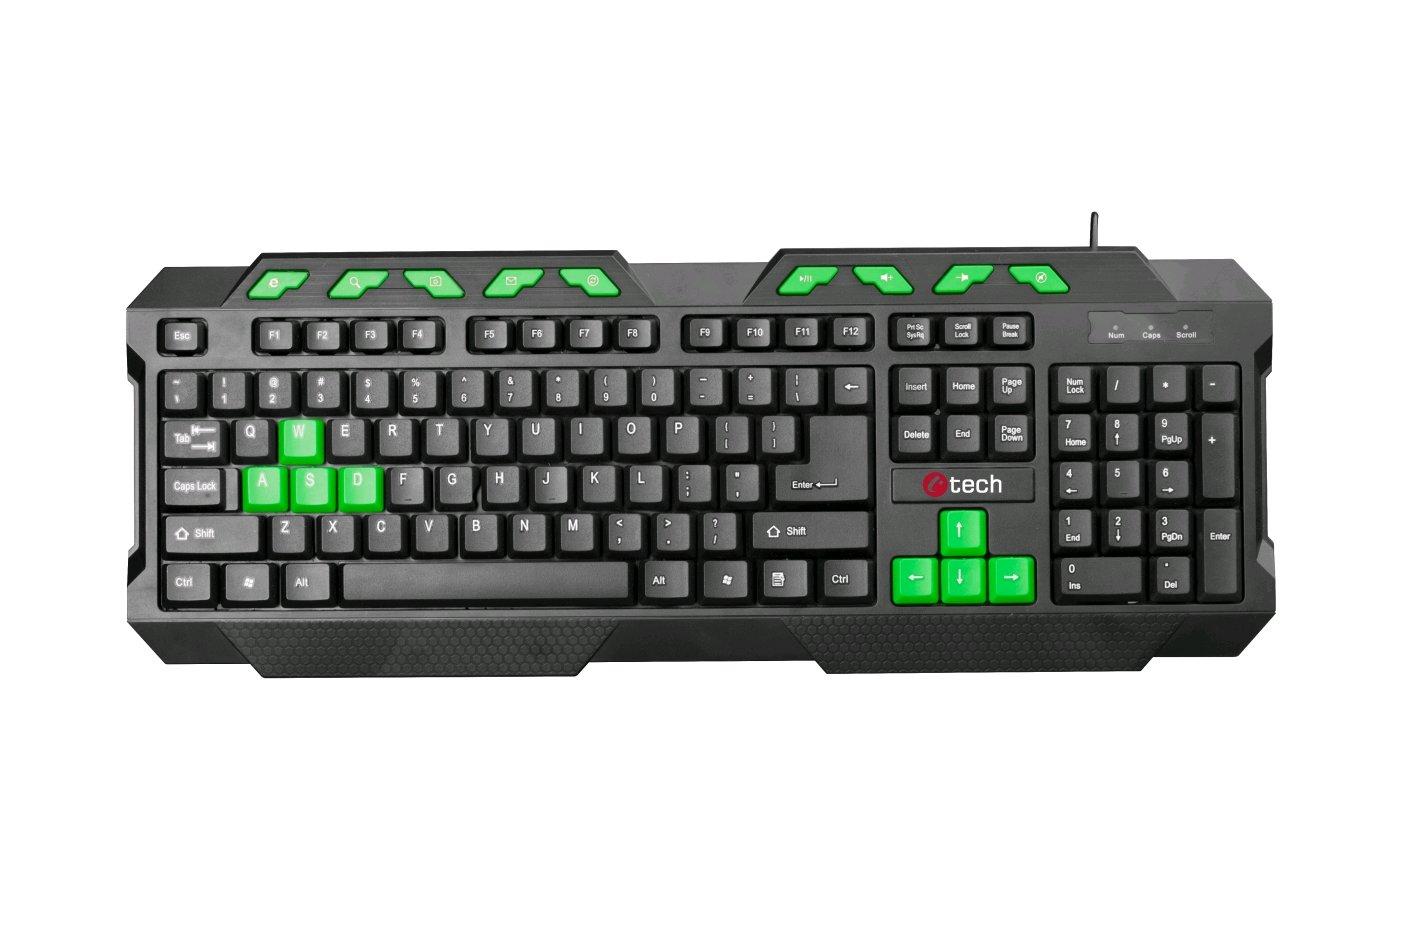 C-TECH klávesnice GMK-102-G, USB, černo-zelená, multimediální, CZ/SK